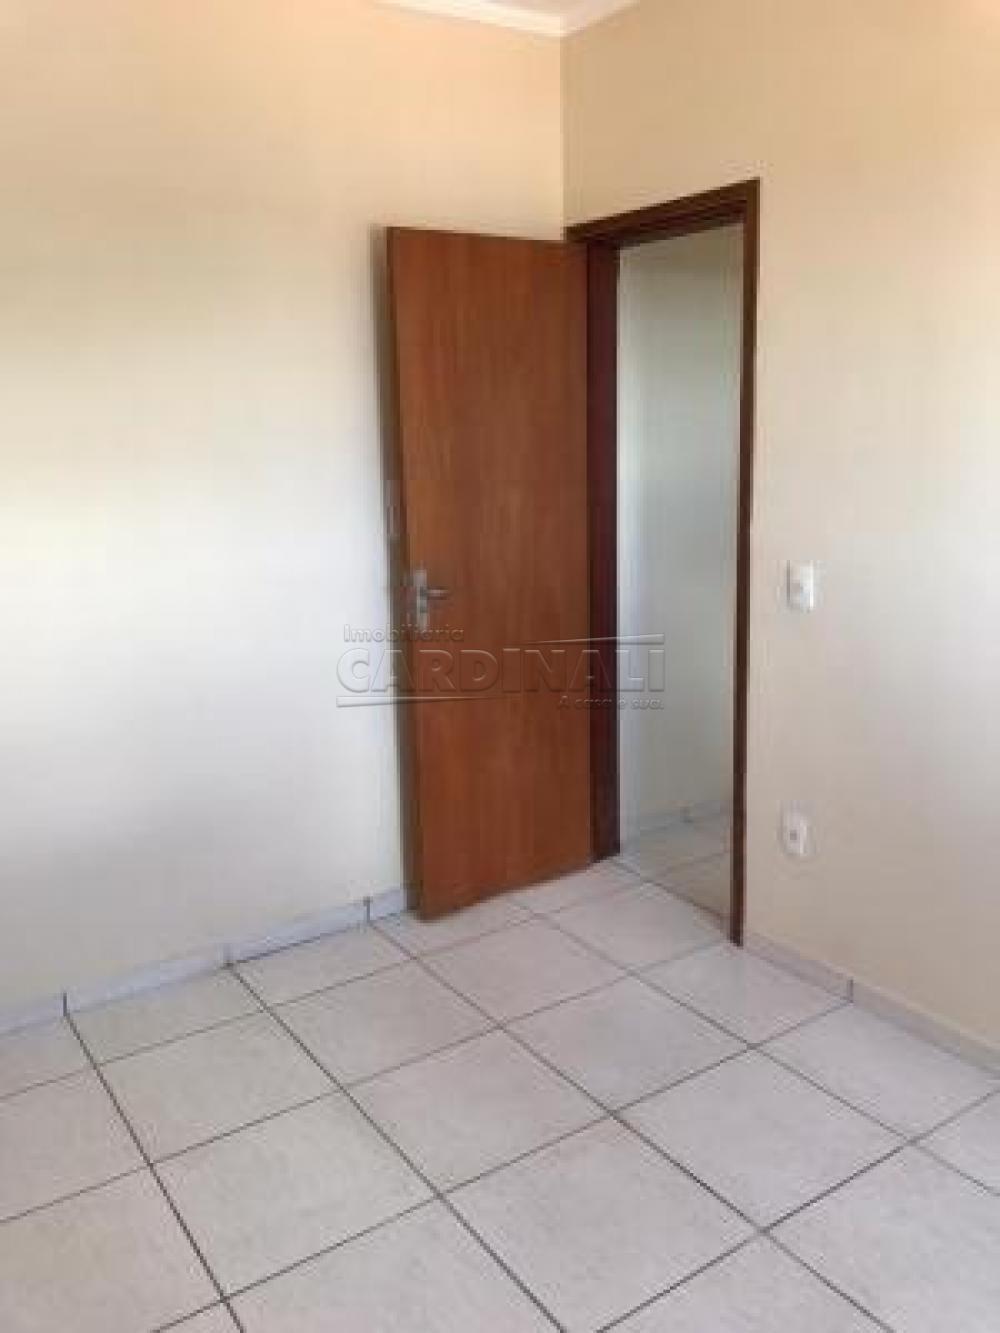 Alugar Apartamento / Padrão em São Carlos R$ 1.000,00 - Foto 8